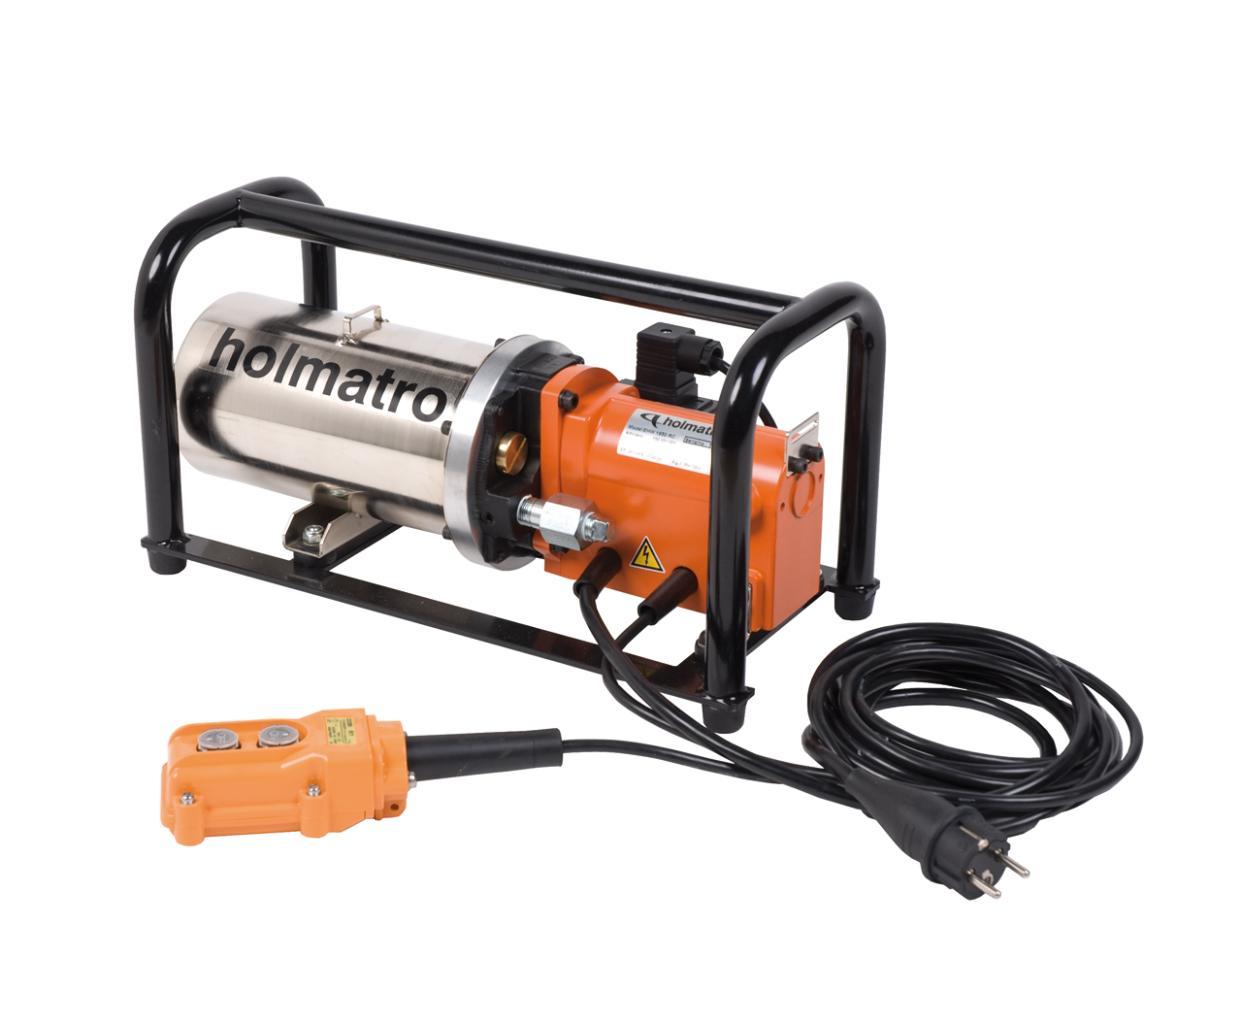 Kompaktowa pompa z napędem elektrycznym EHW 1650 RC